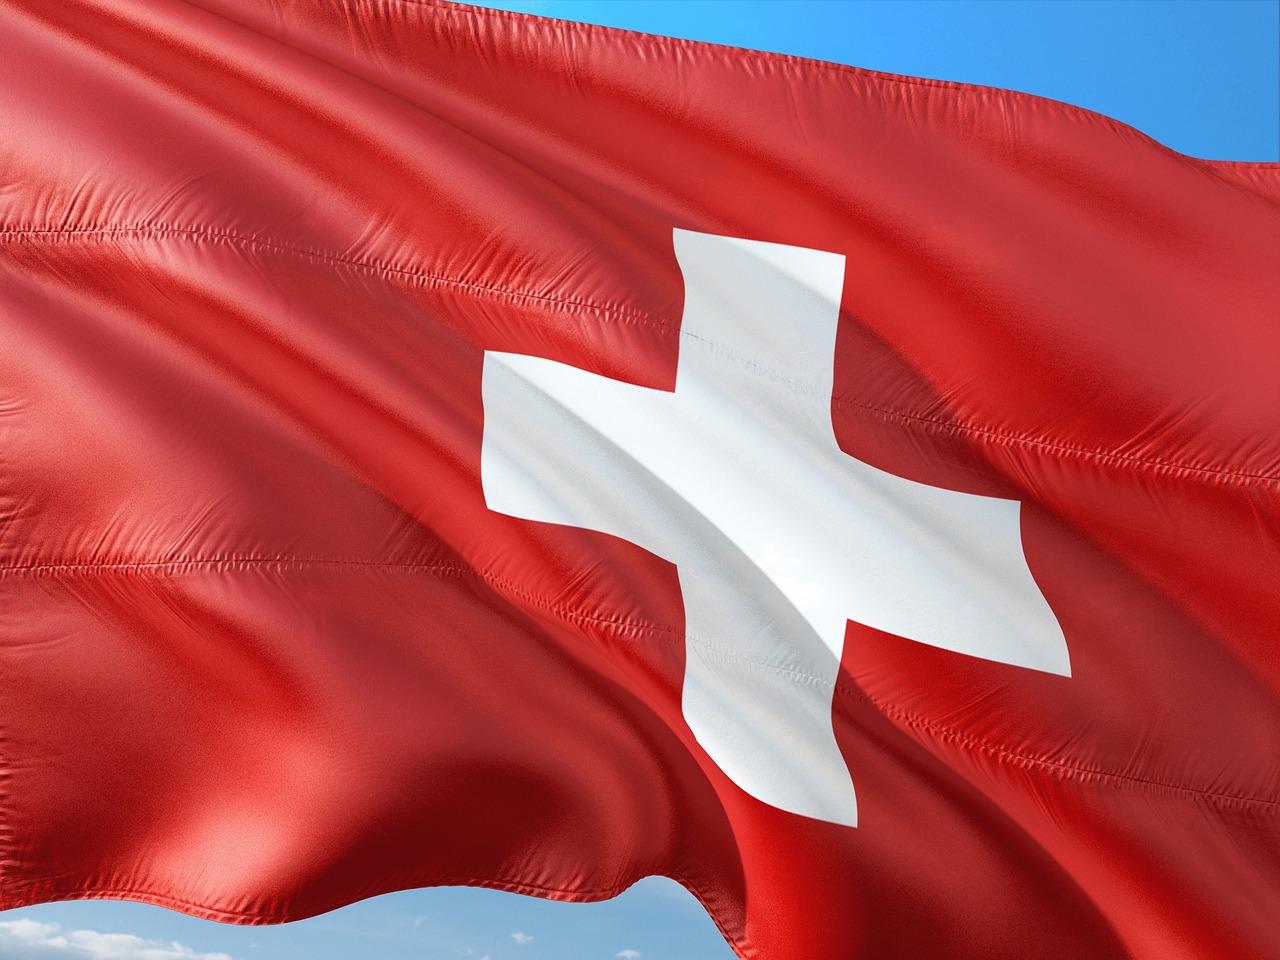 瑞士央行行长:与外币挂钩的稳定币将危害货币政策